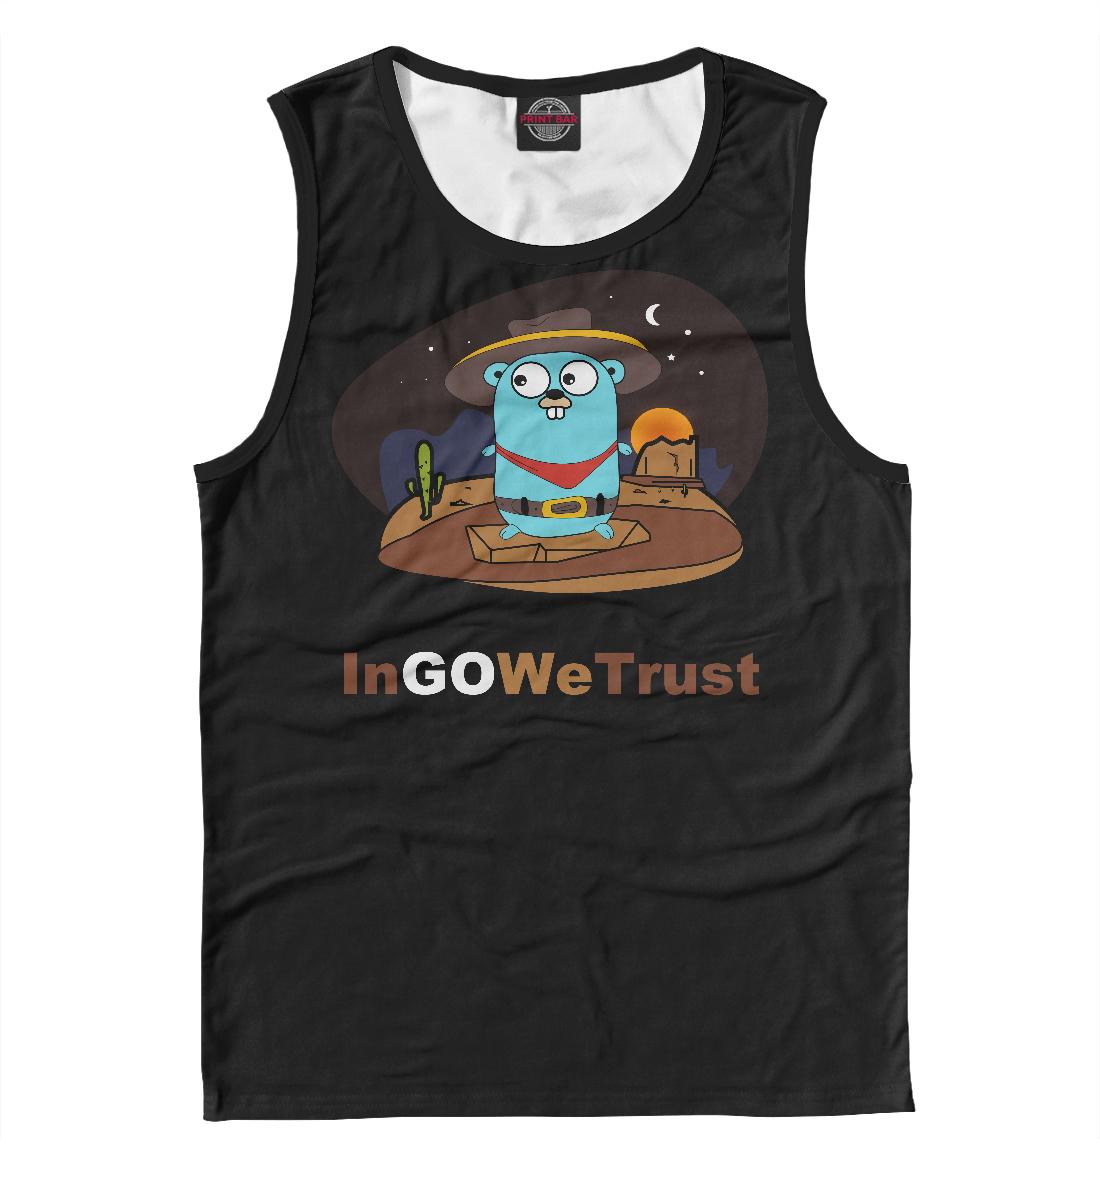 In Go We Trust